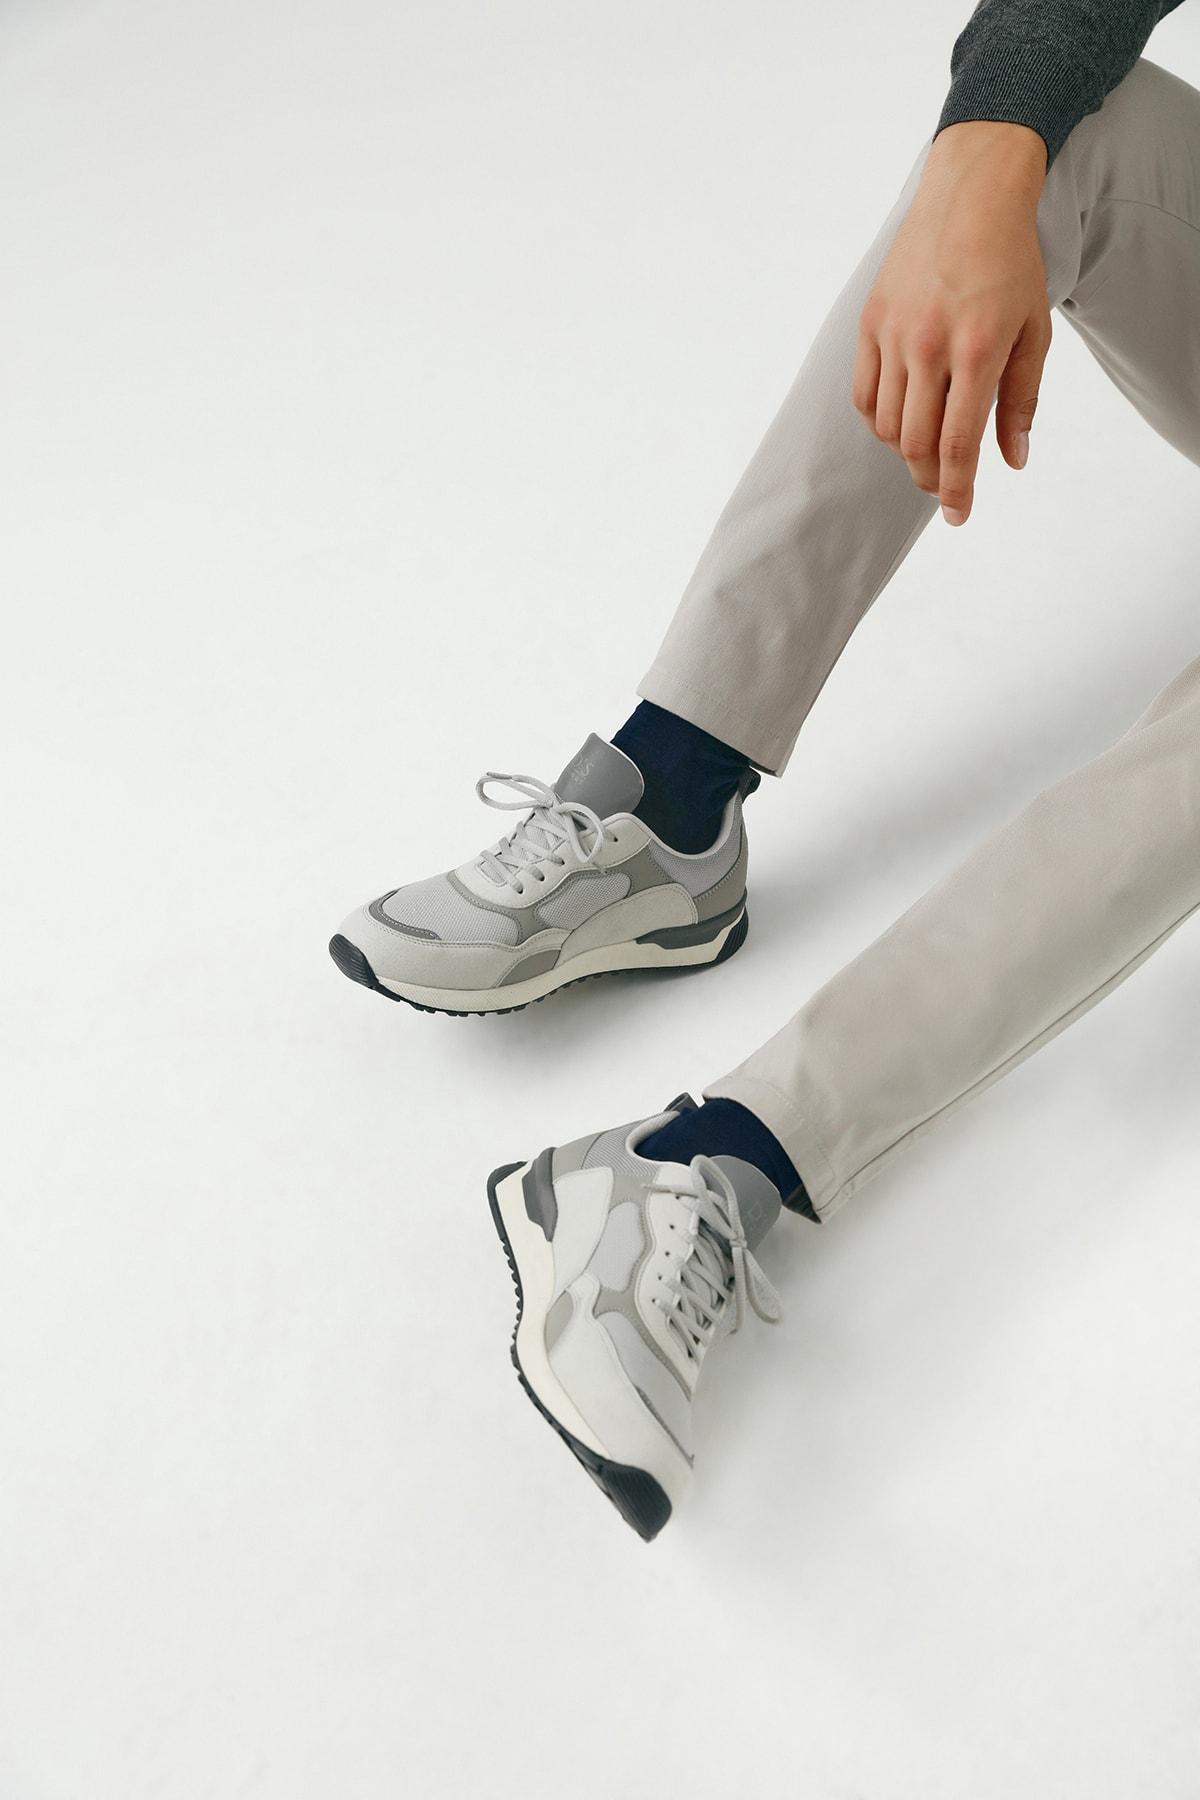 Twn Erkek Ayakkabı Gri Renk 1